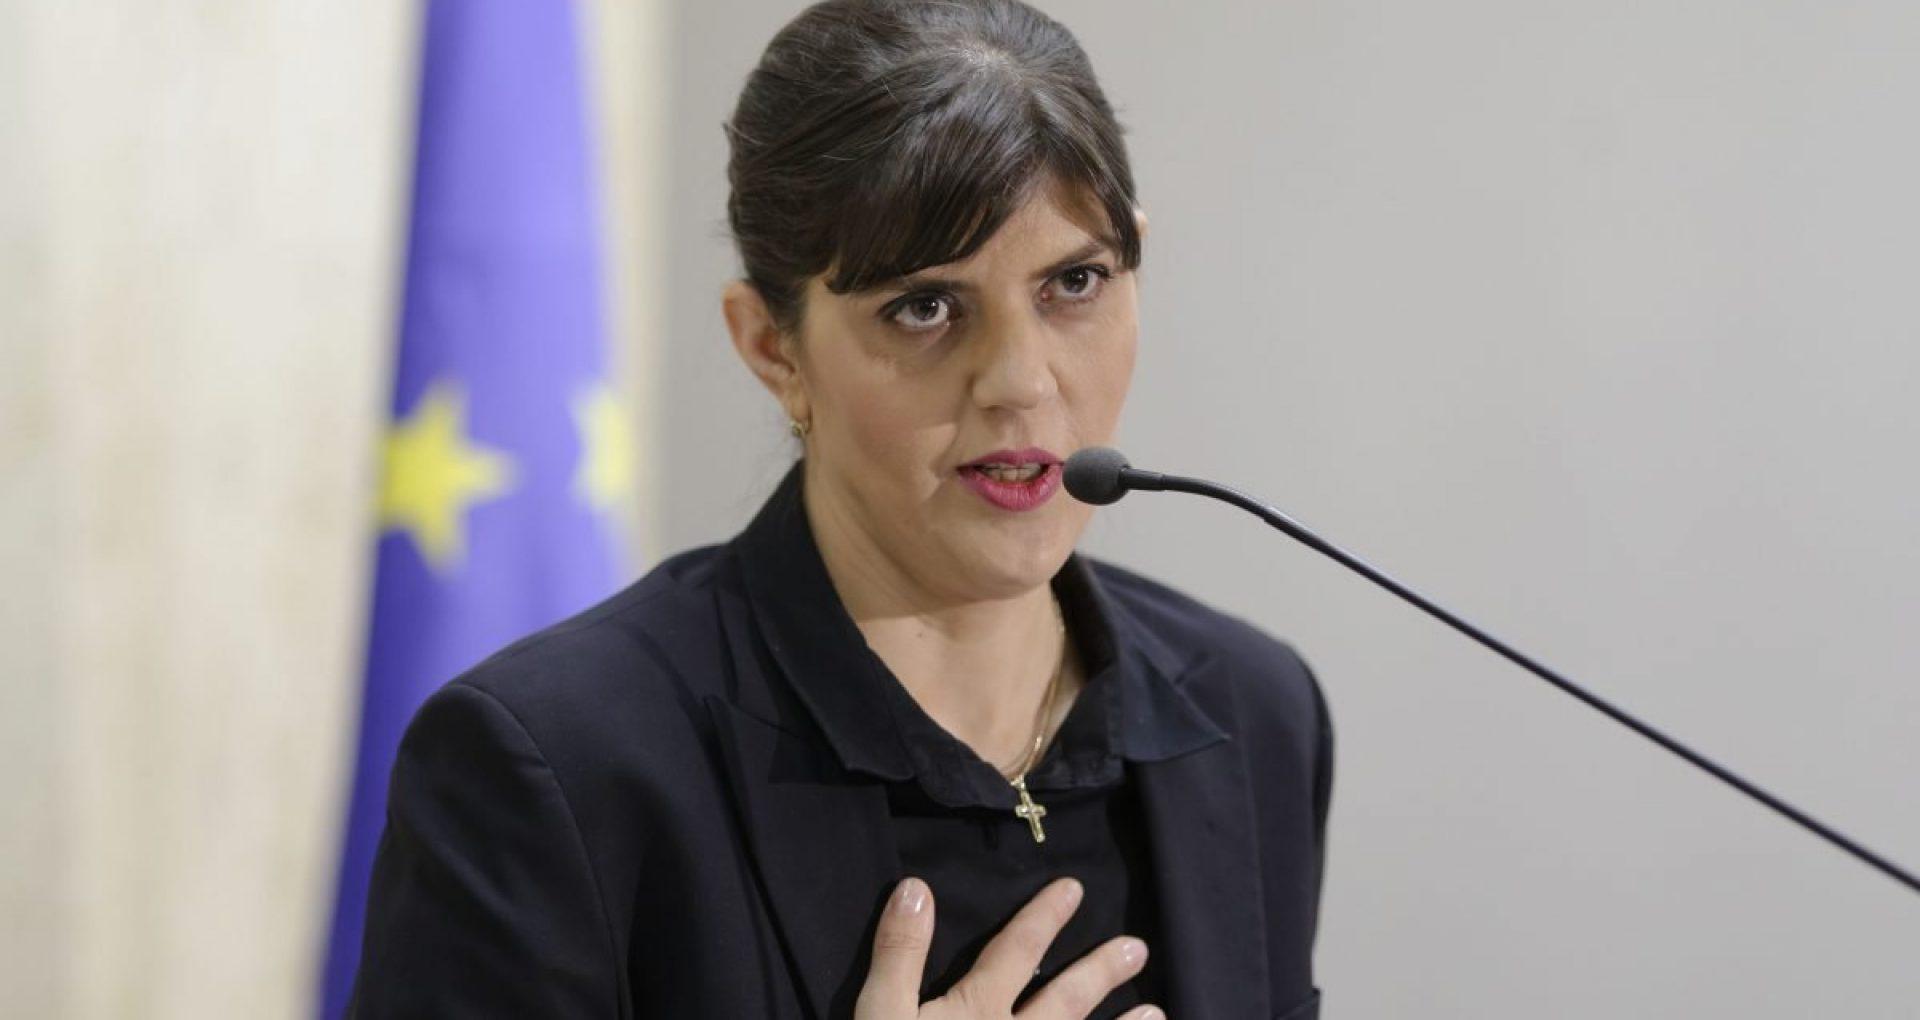 Parchetul European condus de procurora-șefă, Laura Codruța Kovesi, a inițiat o anchetă împotriva a patru cetățeni croați privind acțiuni de corupție